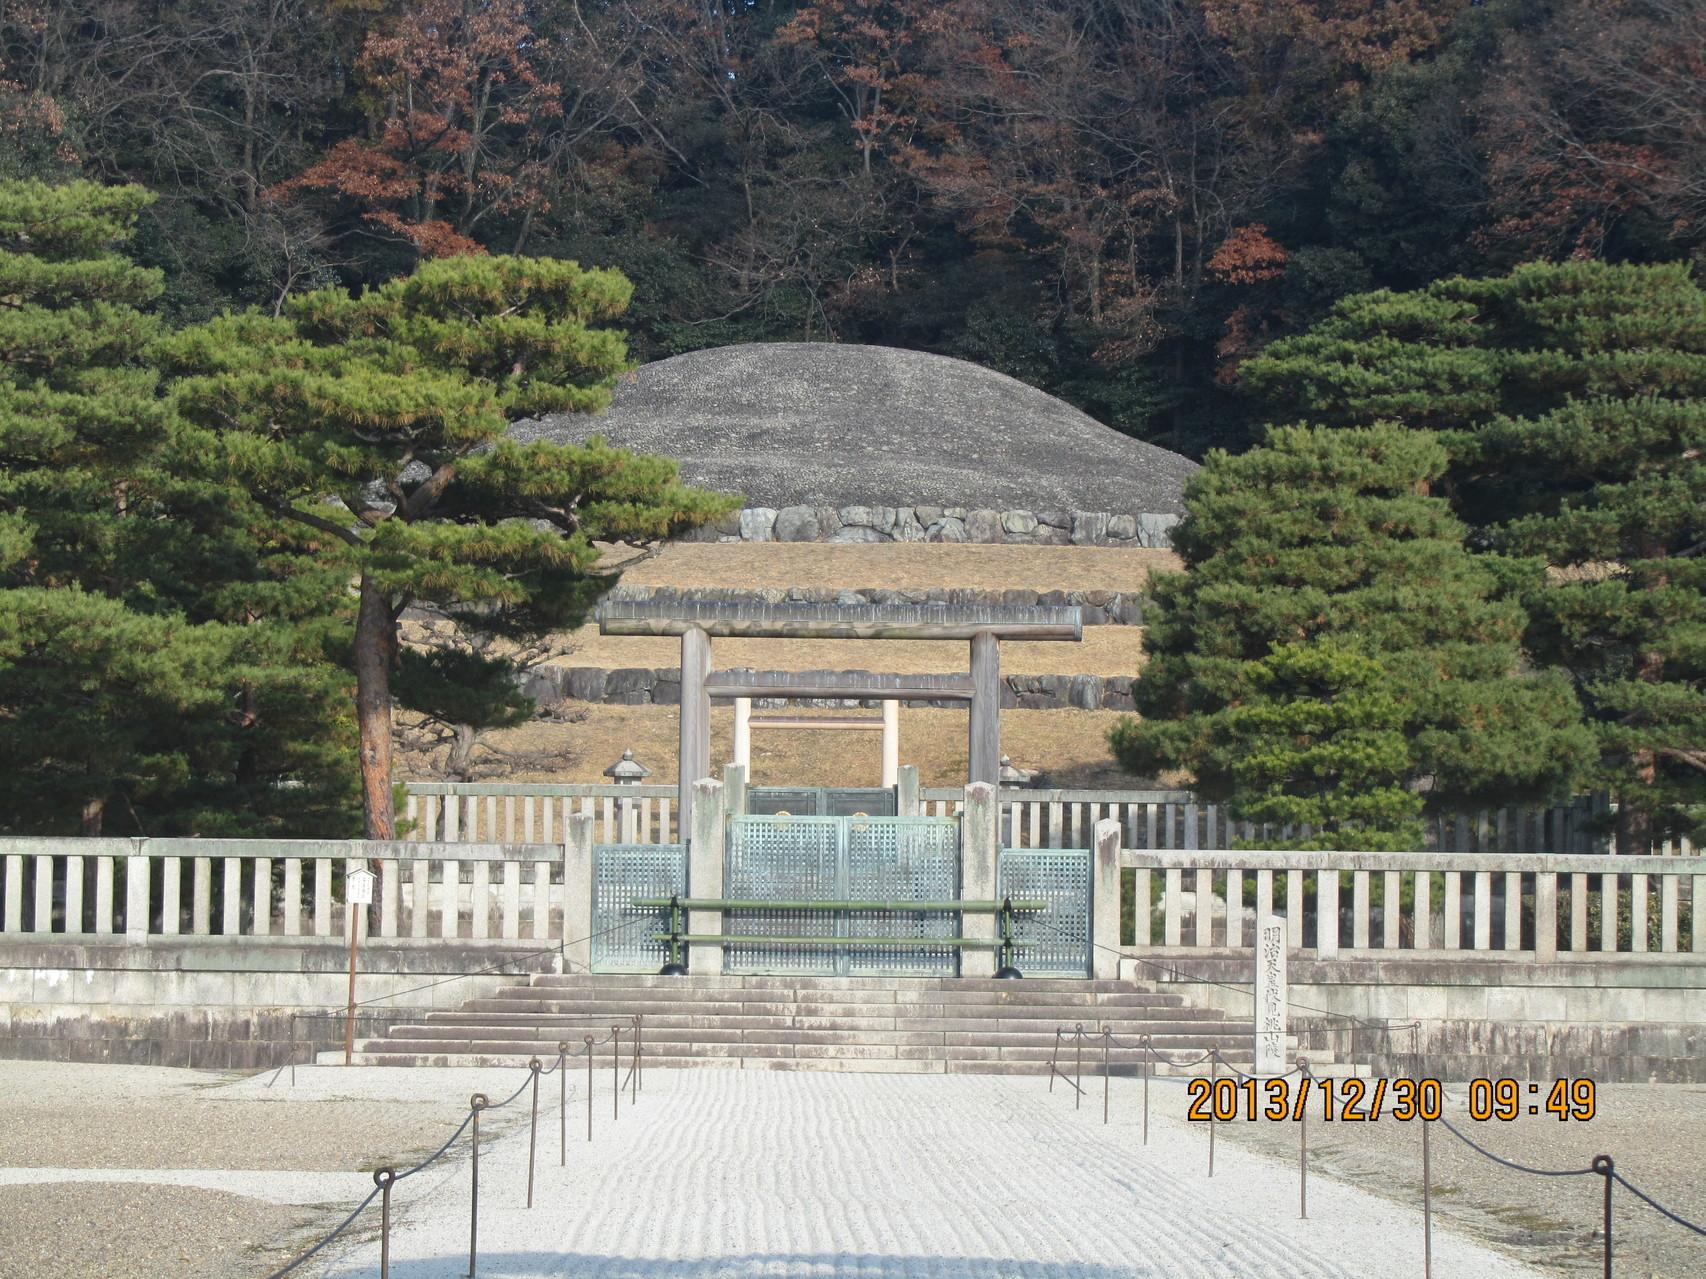 御陵は豊臣秀吉が築いた伏見城の本丸跡に造られました。私が通った桃山小学校もすぐ近くにあります。